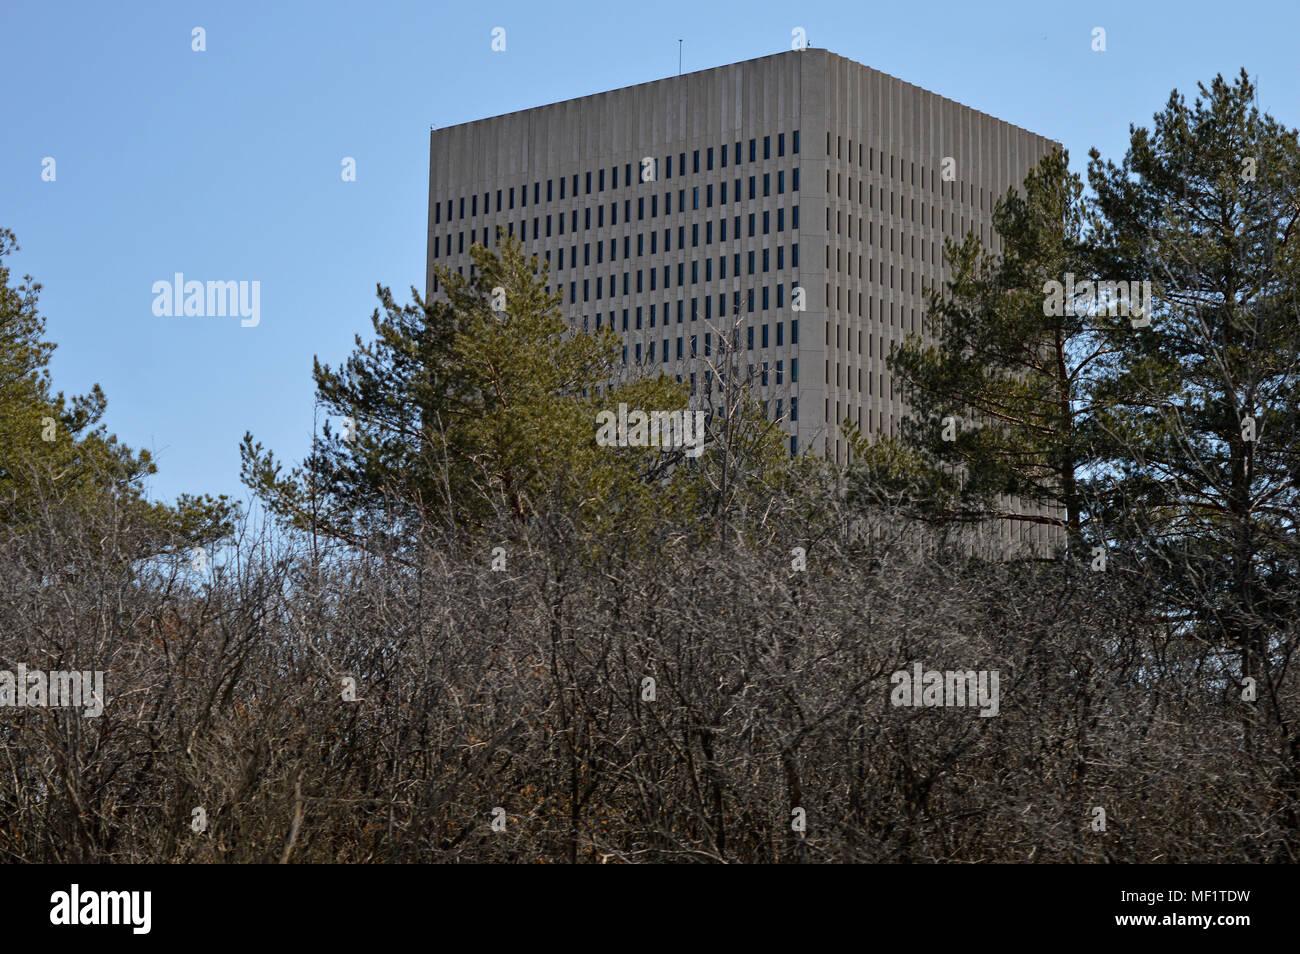 Ein Büro Turm erhebt sich über die Bäume und die Sträucher Stockfoto